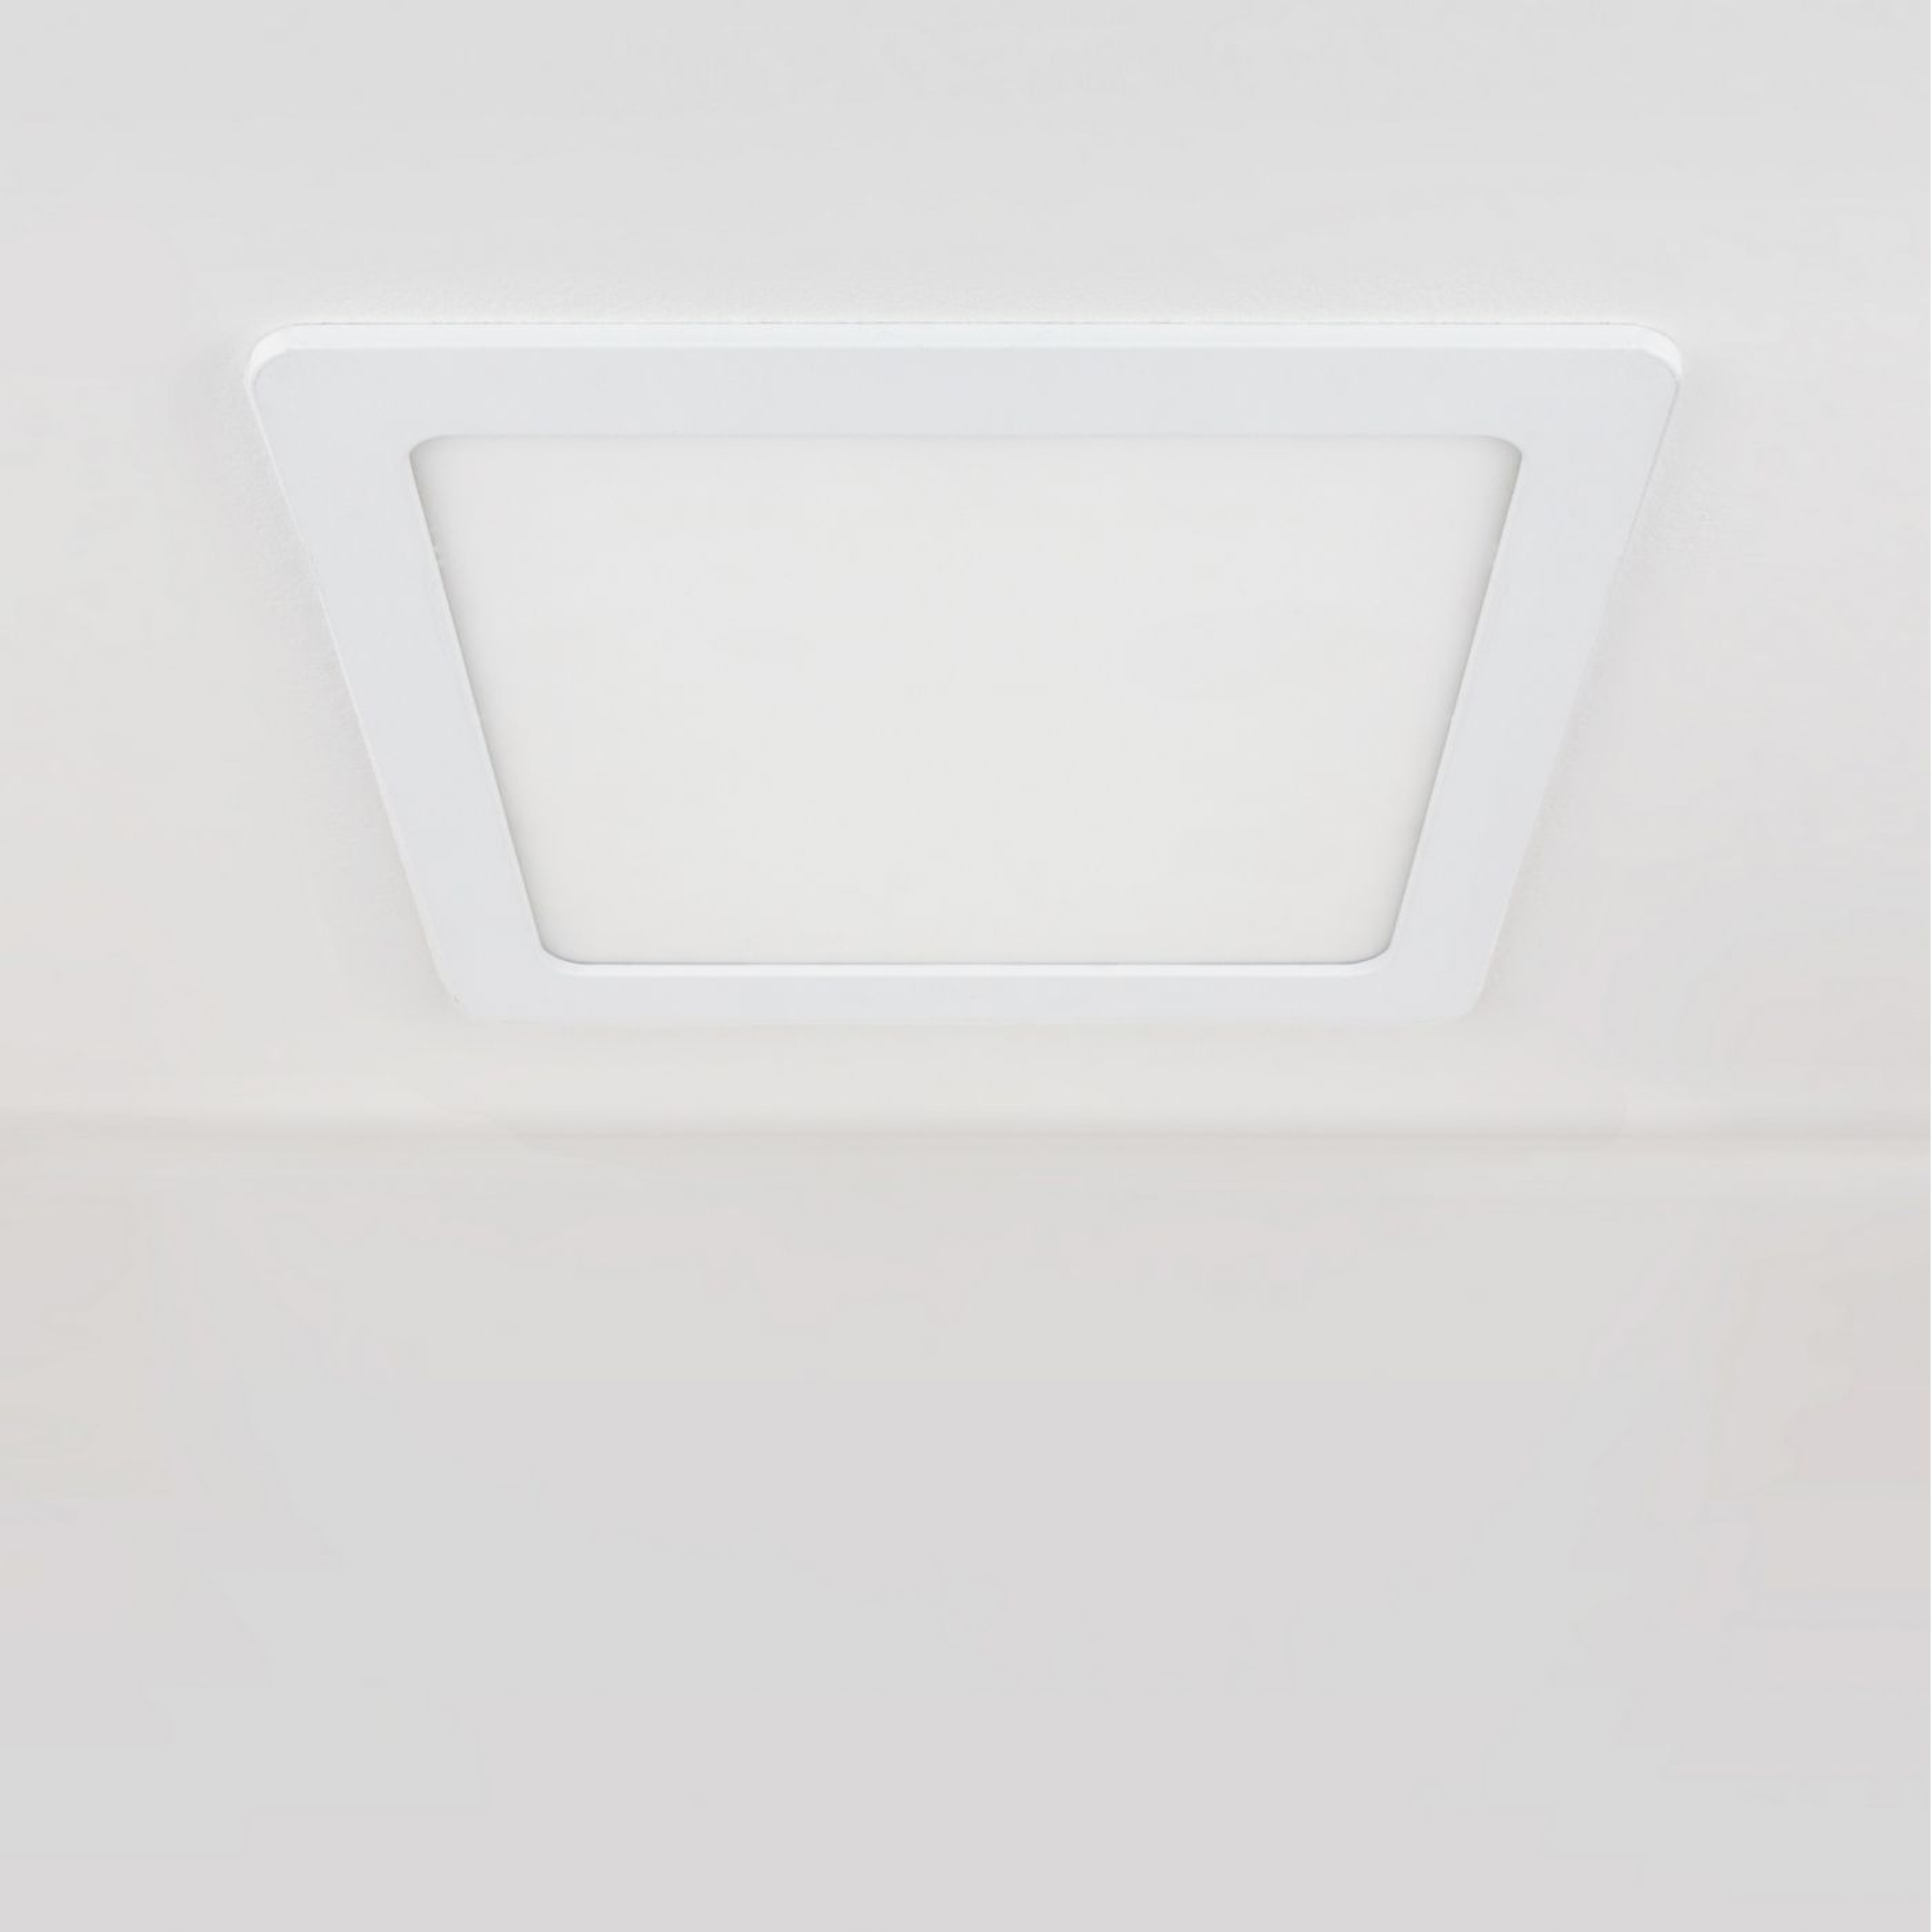 Дополнительное фото 1 товара Встраиваемый светильник Elektrostandard Downlight a034919